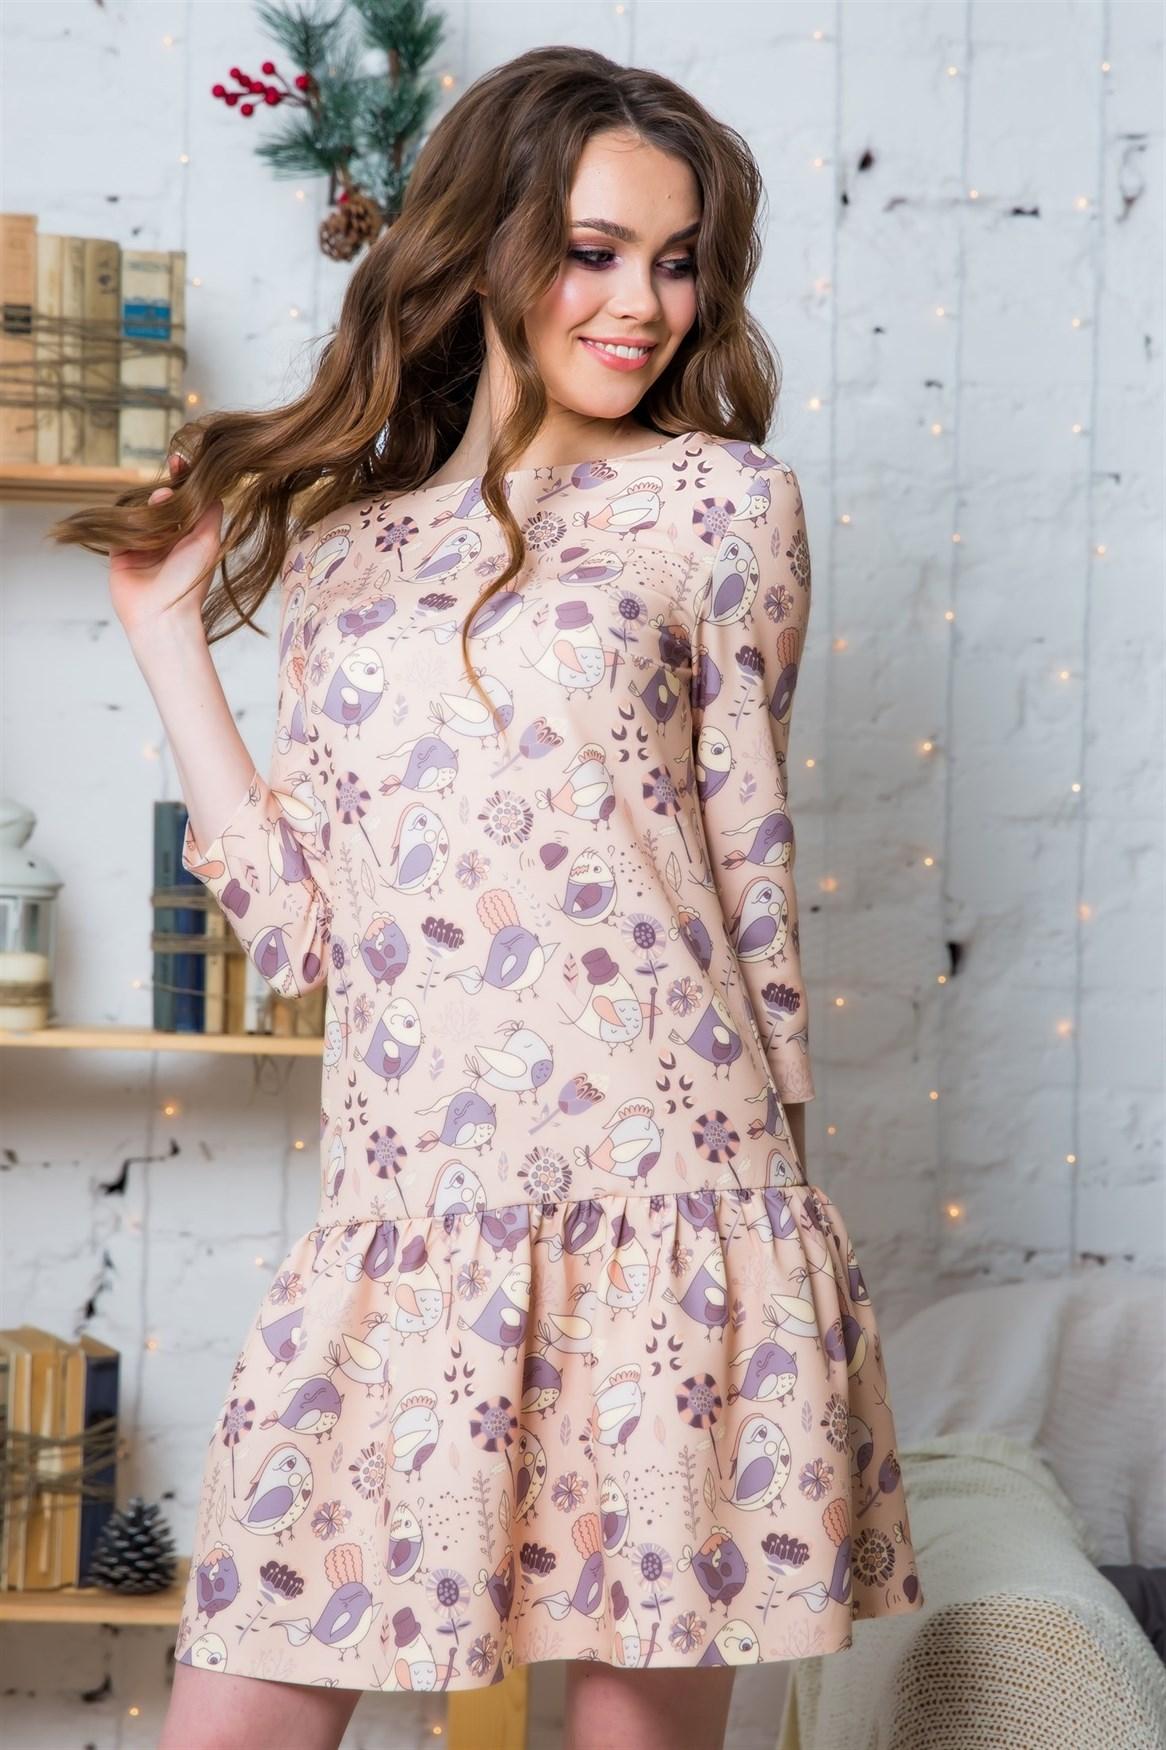 79-11 Платье - фото 7492